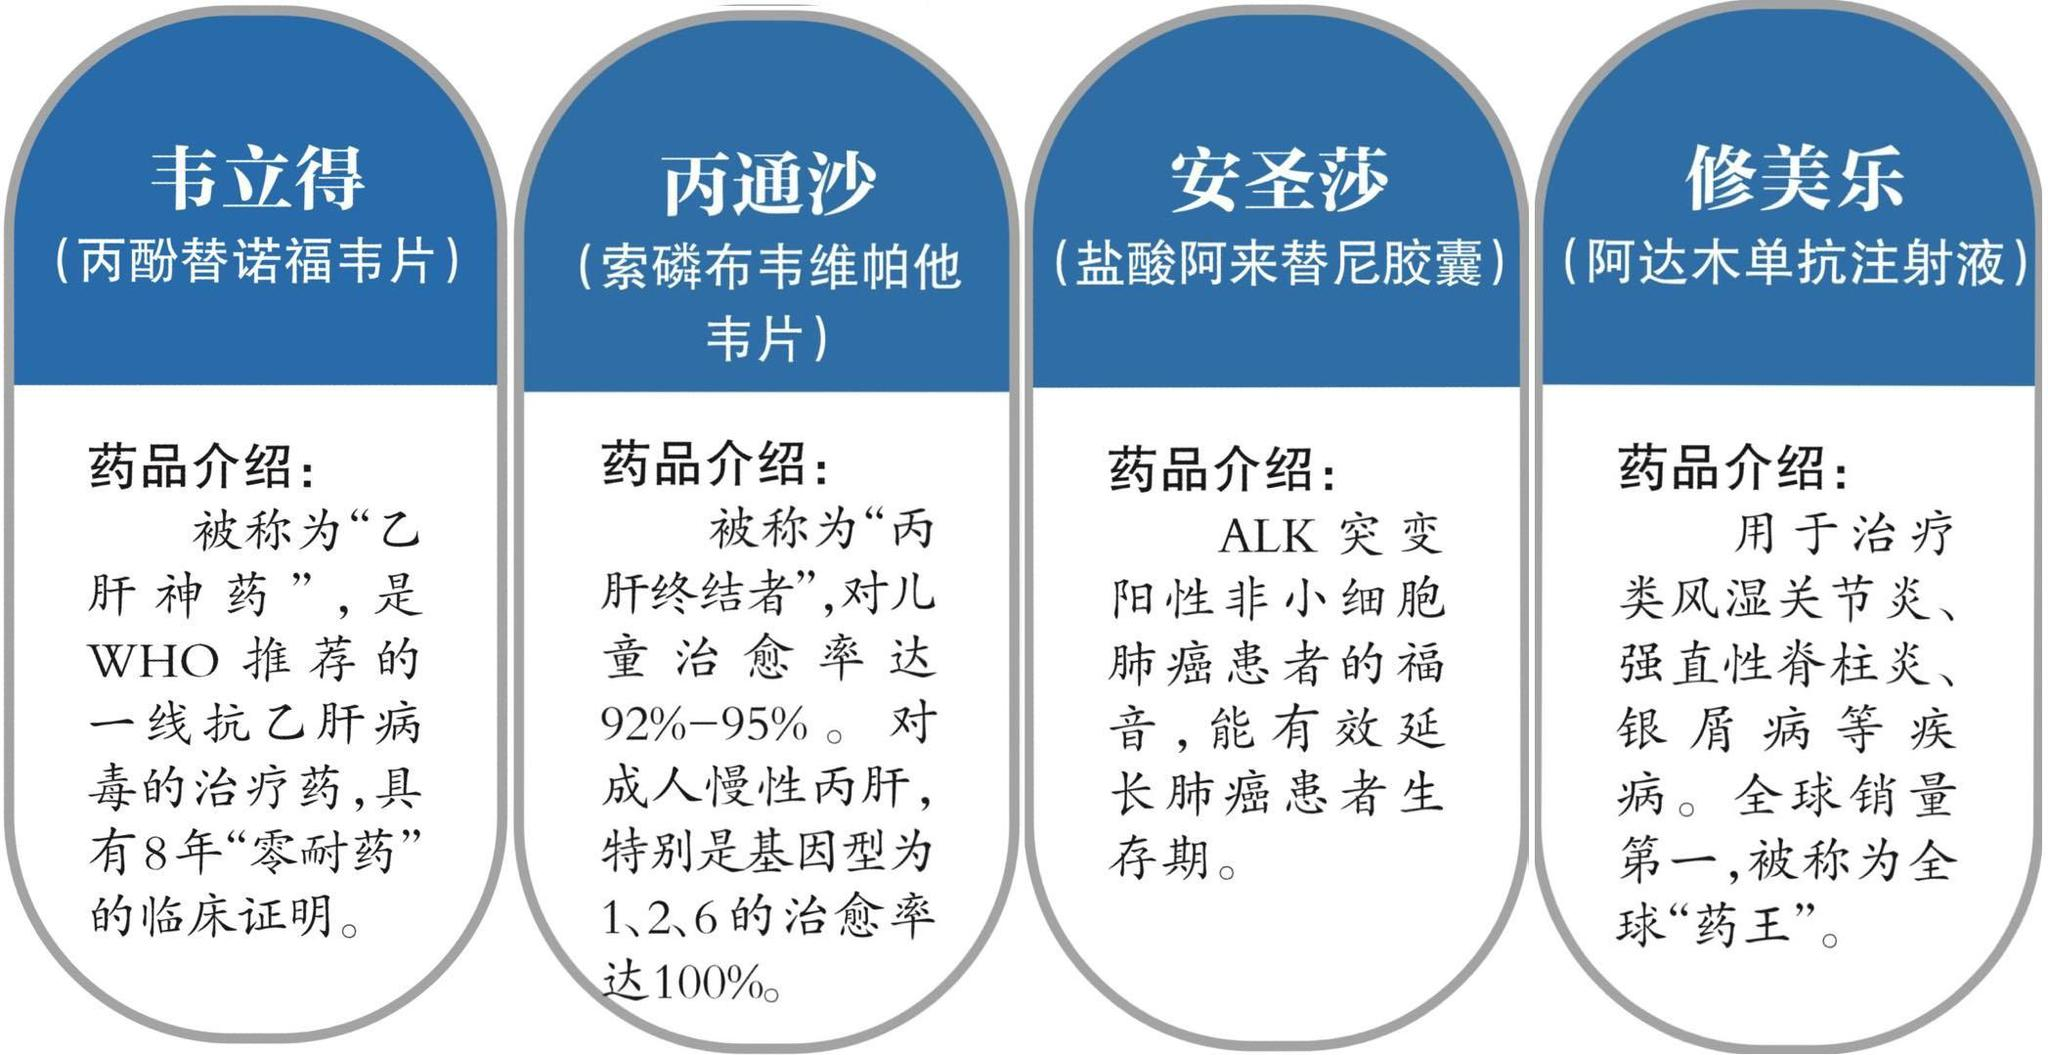 亚洲城技巧 - 2019年兰大一院心外科手术量突破干例